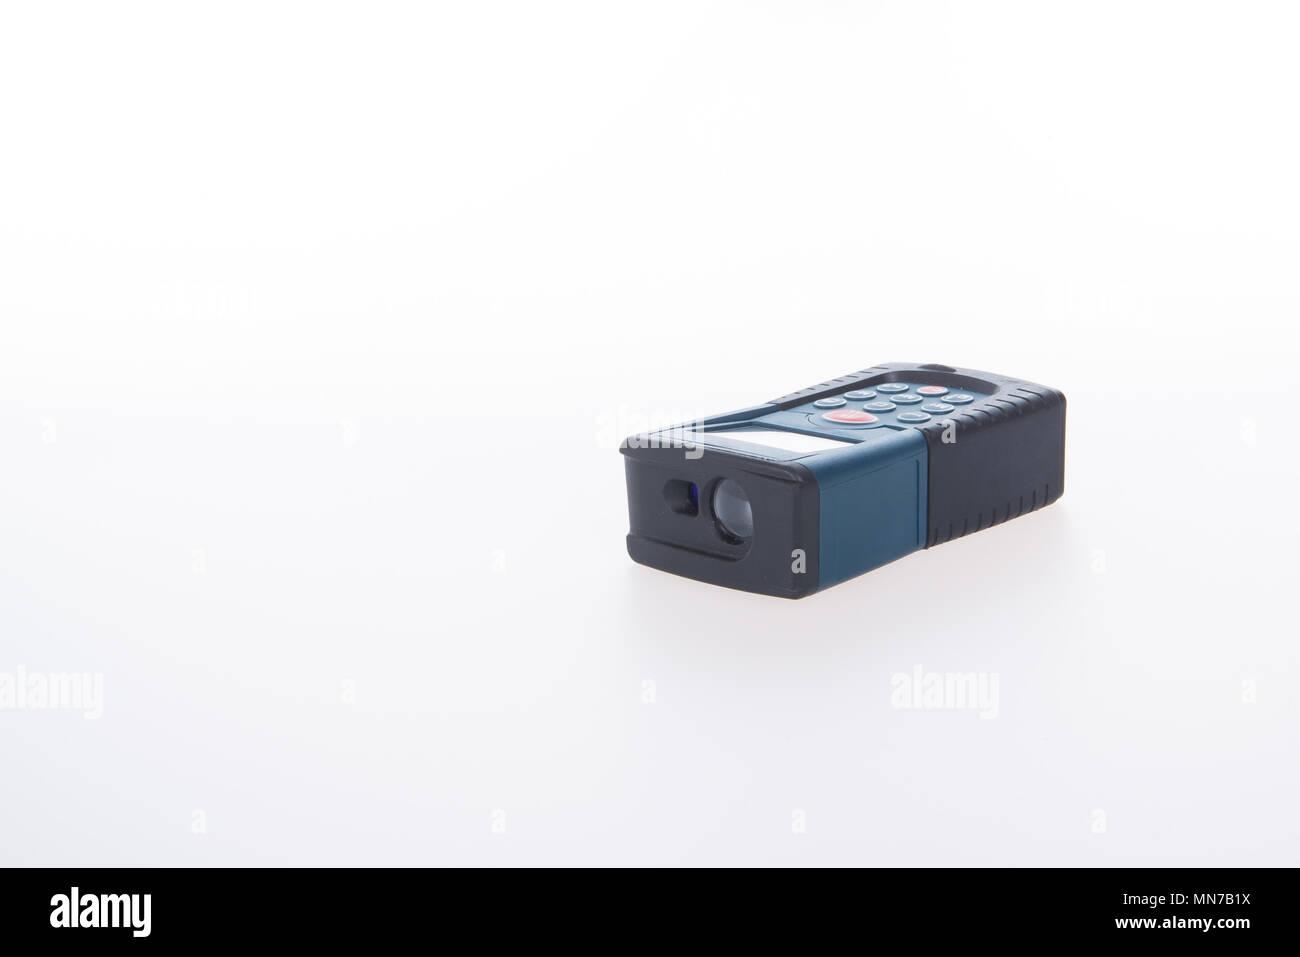 Bosch Entfernungsmesser Stativ : Laser entfernungsmesser stockfotos